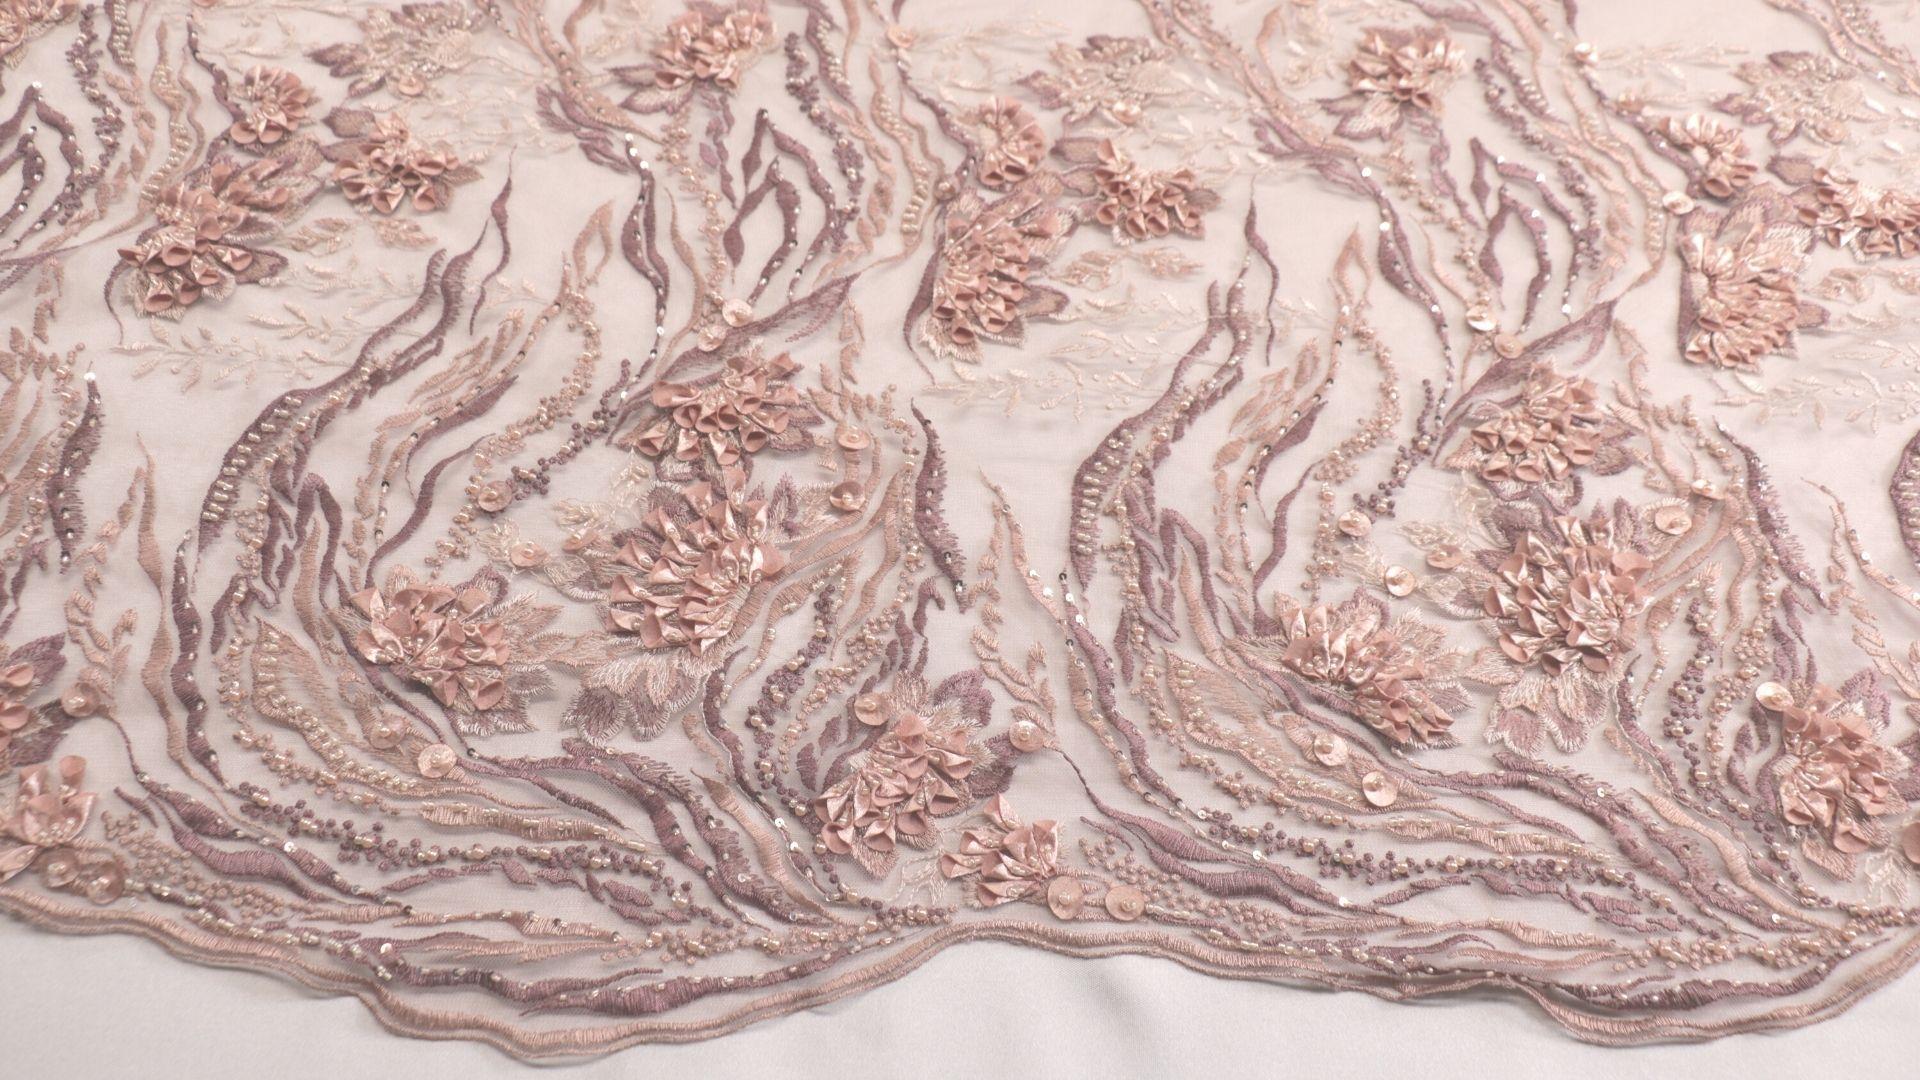 il particolare del tessuto dr6641, appartenente alla categoria ricami con accessori, di Leadford & Logan